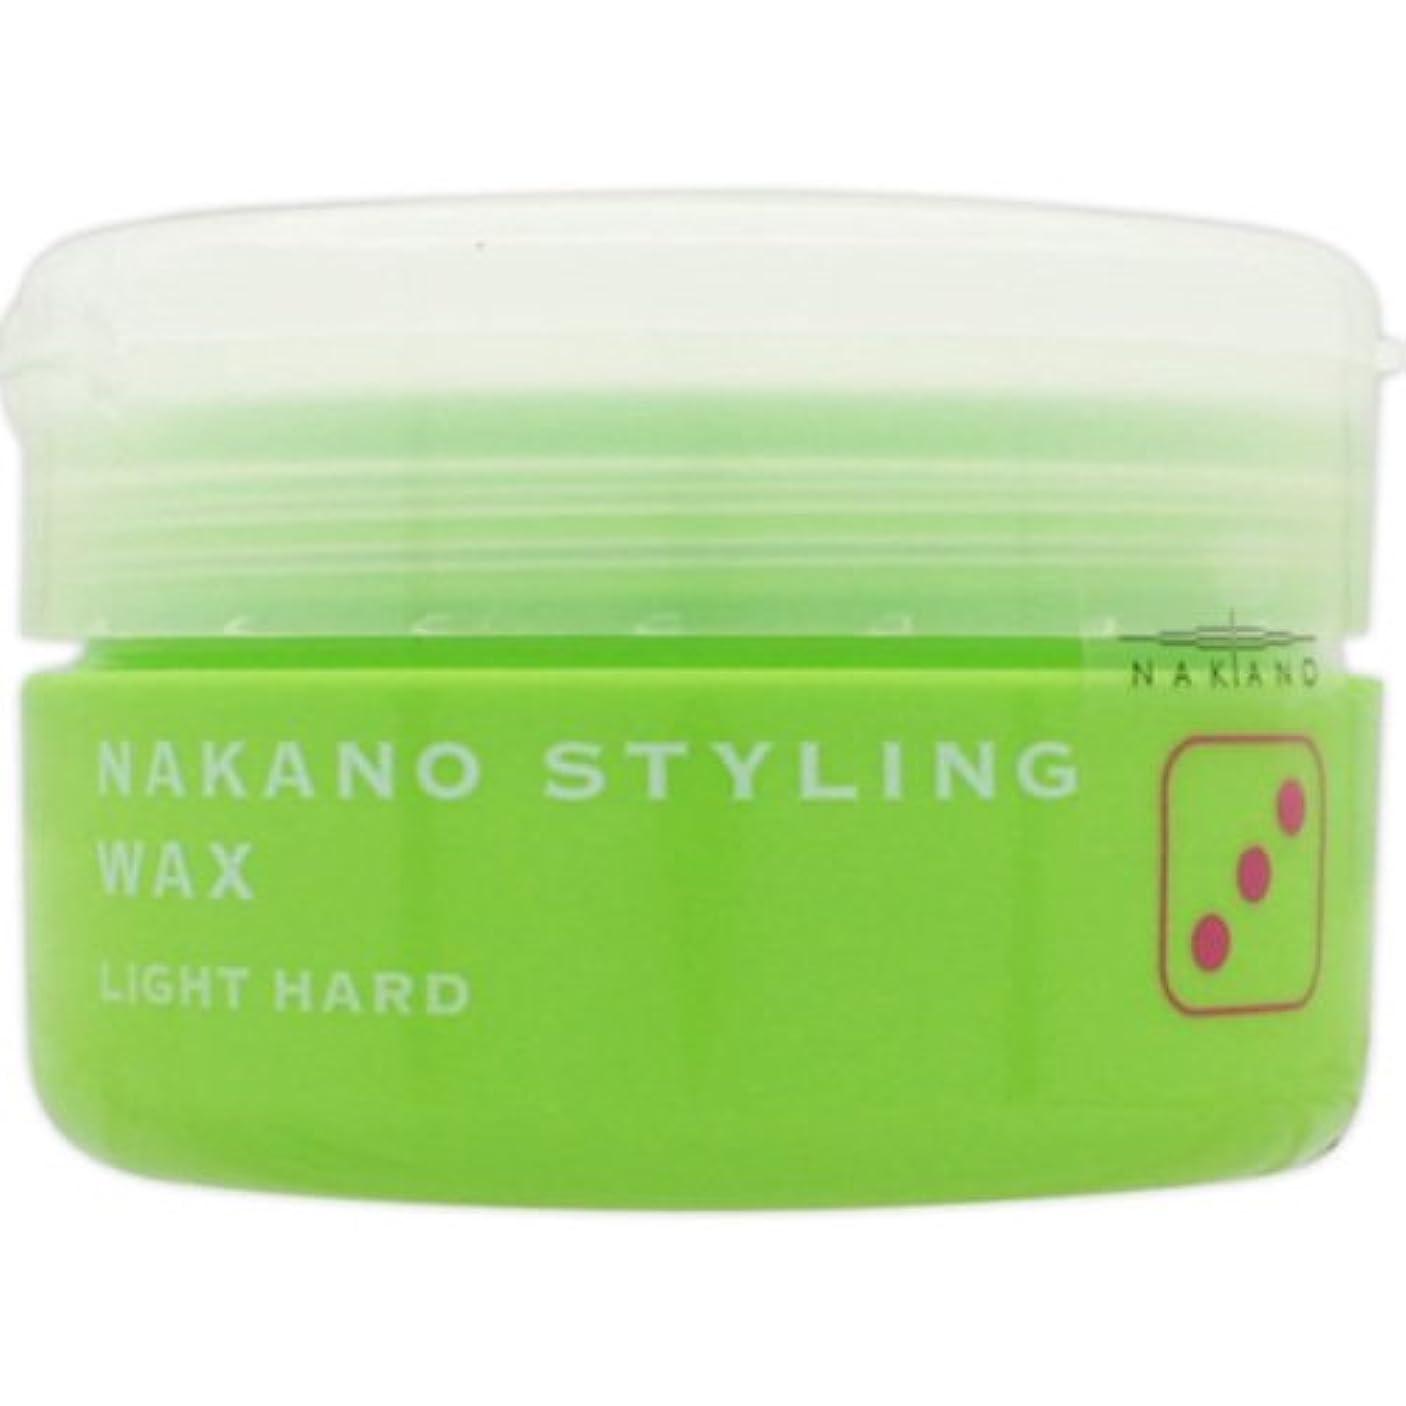 英語の授業があります最も遠い遅滞ナカノ スタイリングワックス 3 ライトハード 90g 中野製薬 NAKANO